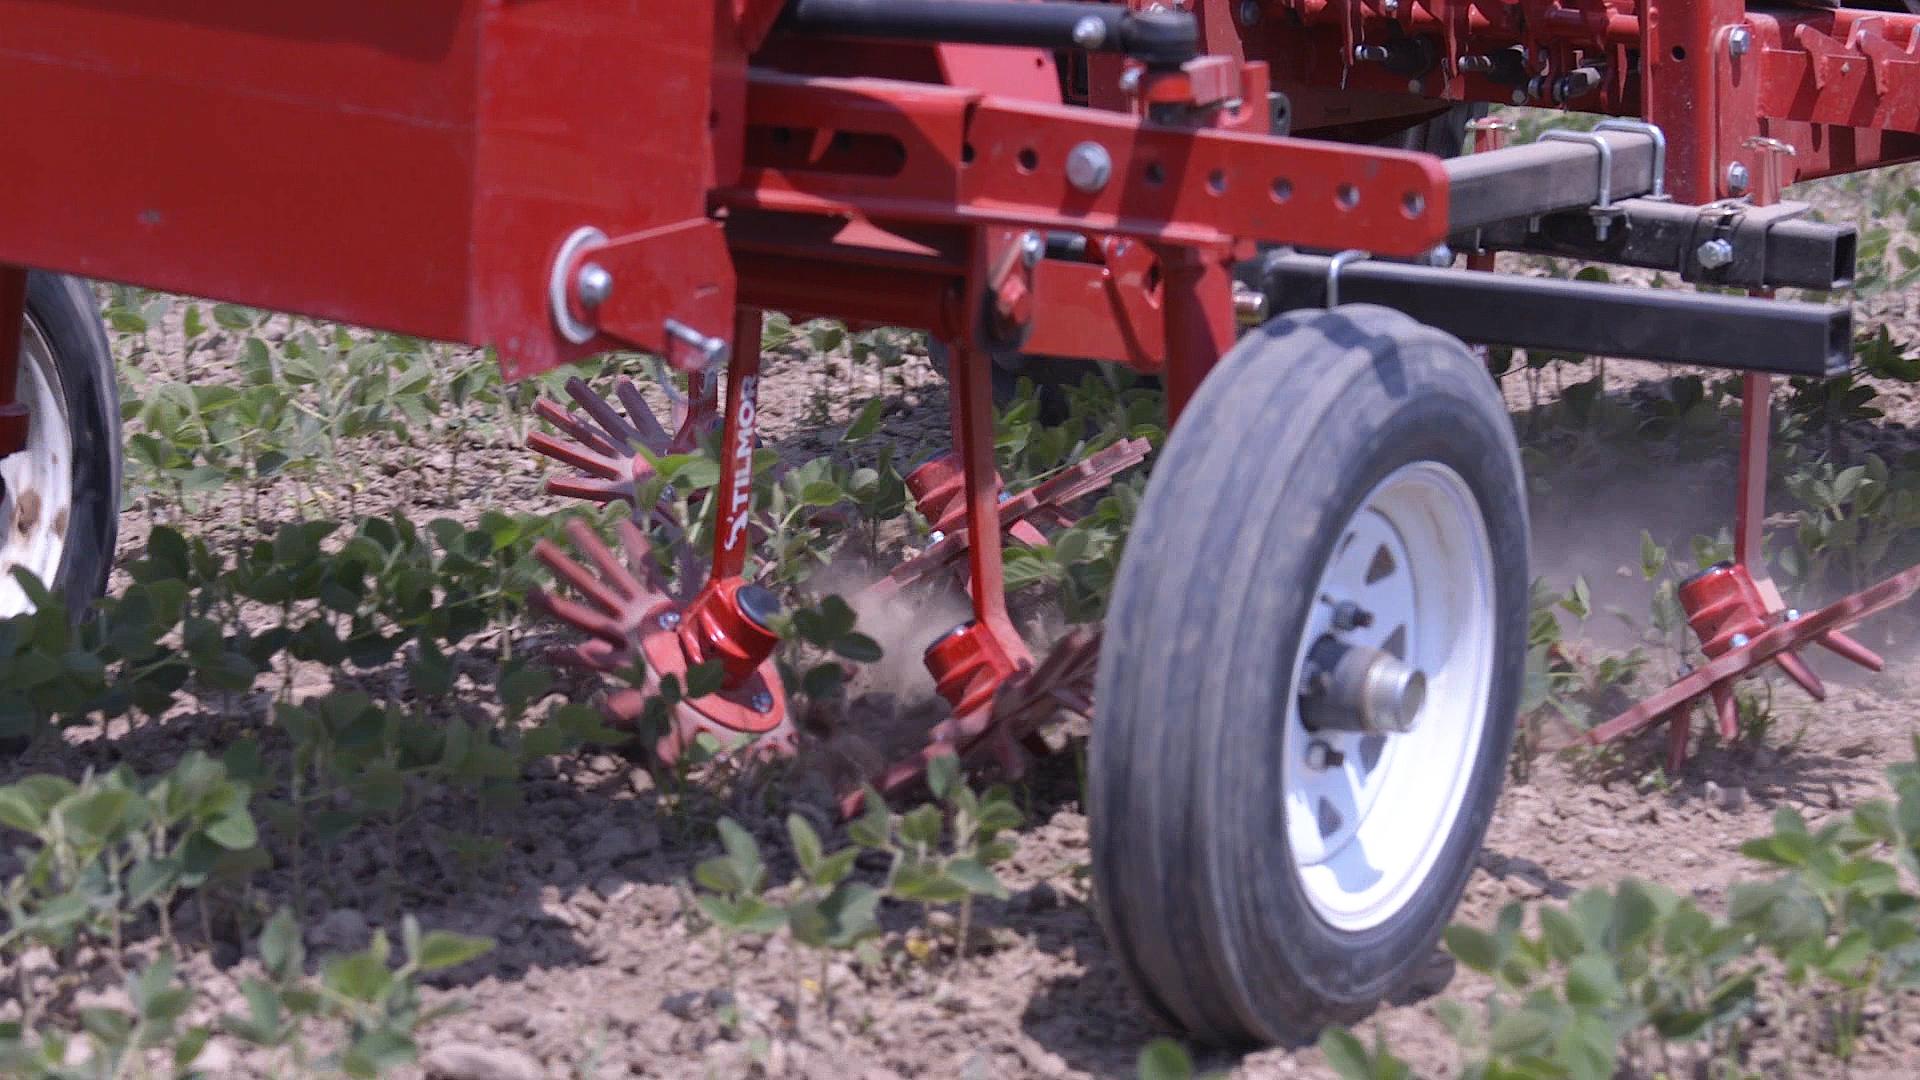 Tilmor Finger Weeder Cultivating Soybeans